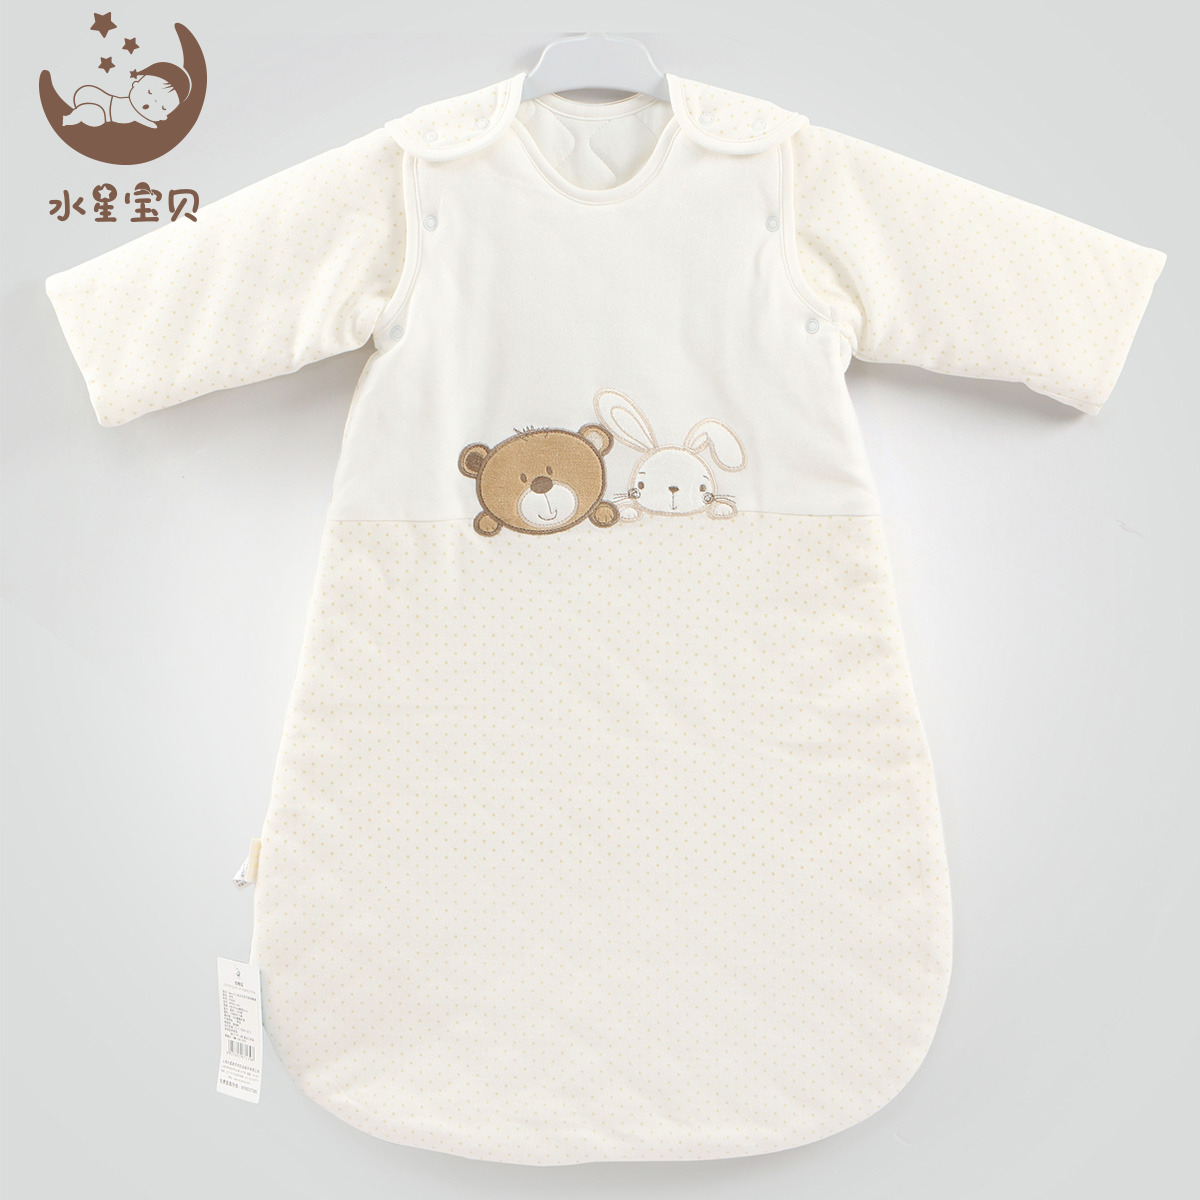 Вода звезда ребенок Baby немного в горошек печать съемный спальный мешок ребенок спальный мешок зима ребенок противо удар находятся